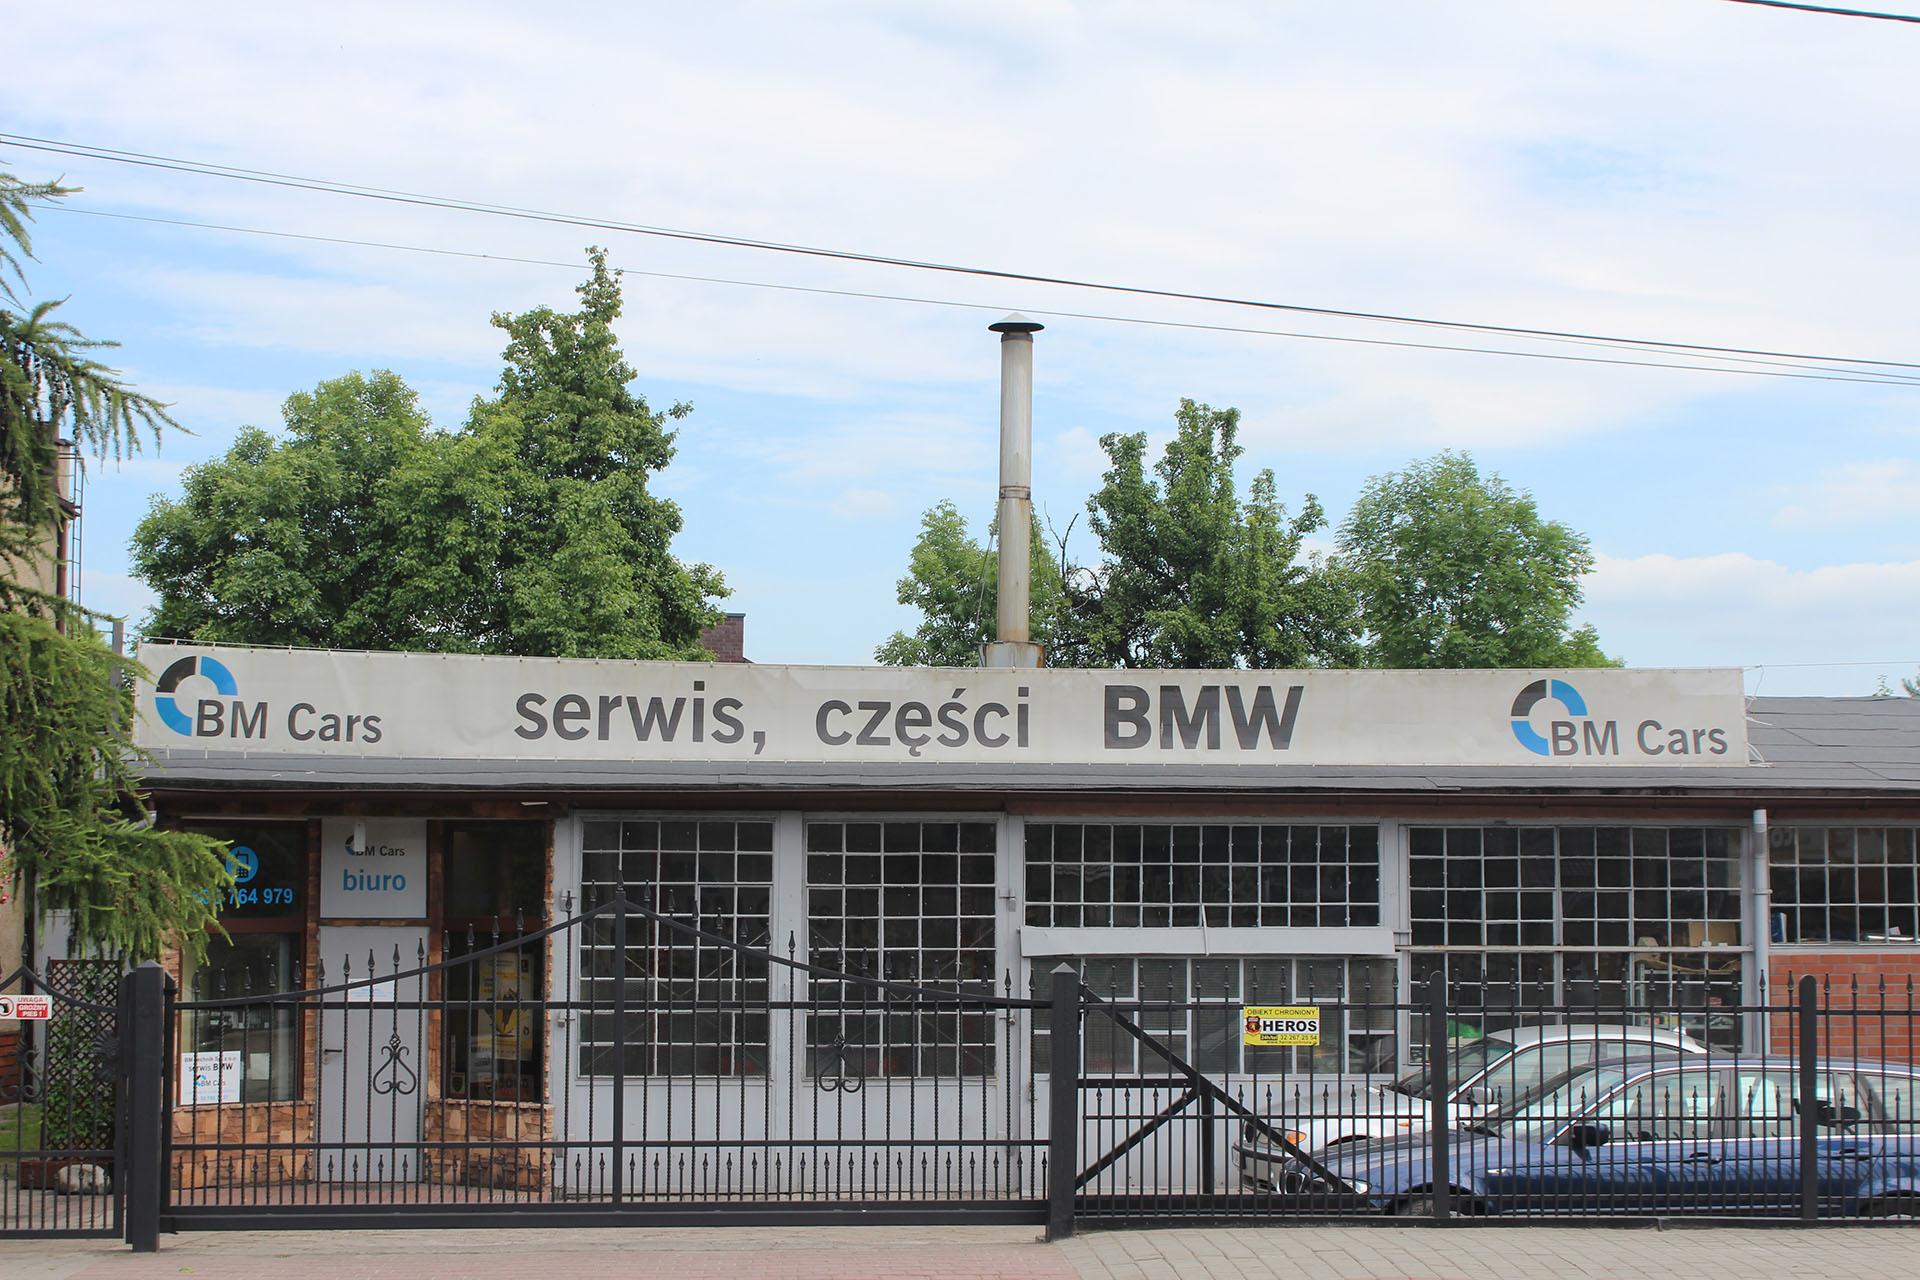 gwarancja bm cars